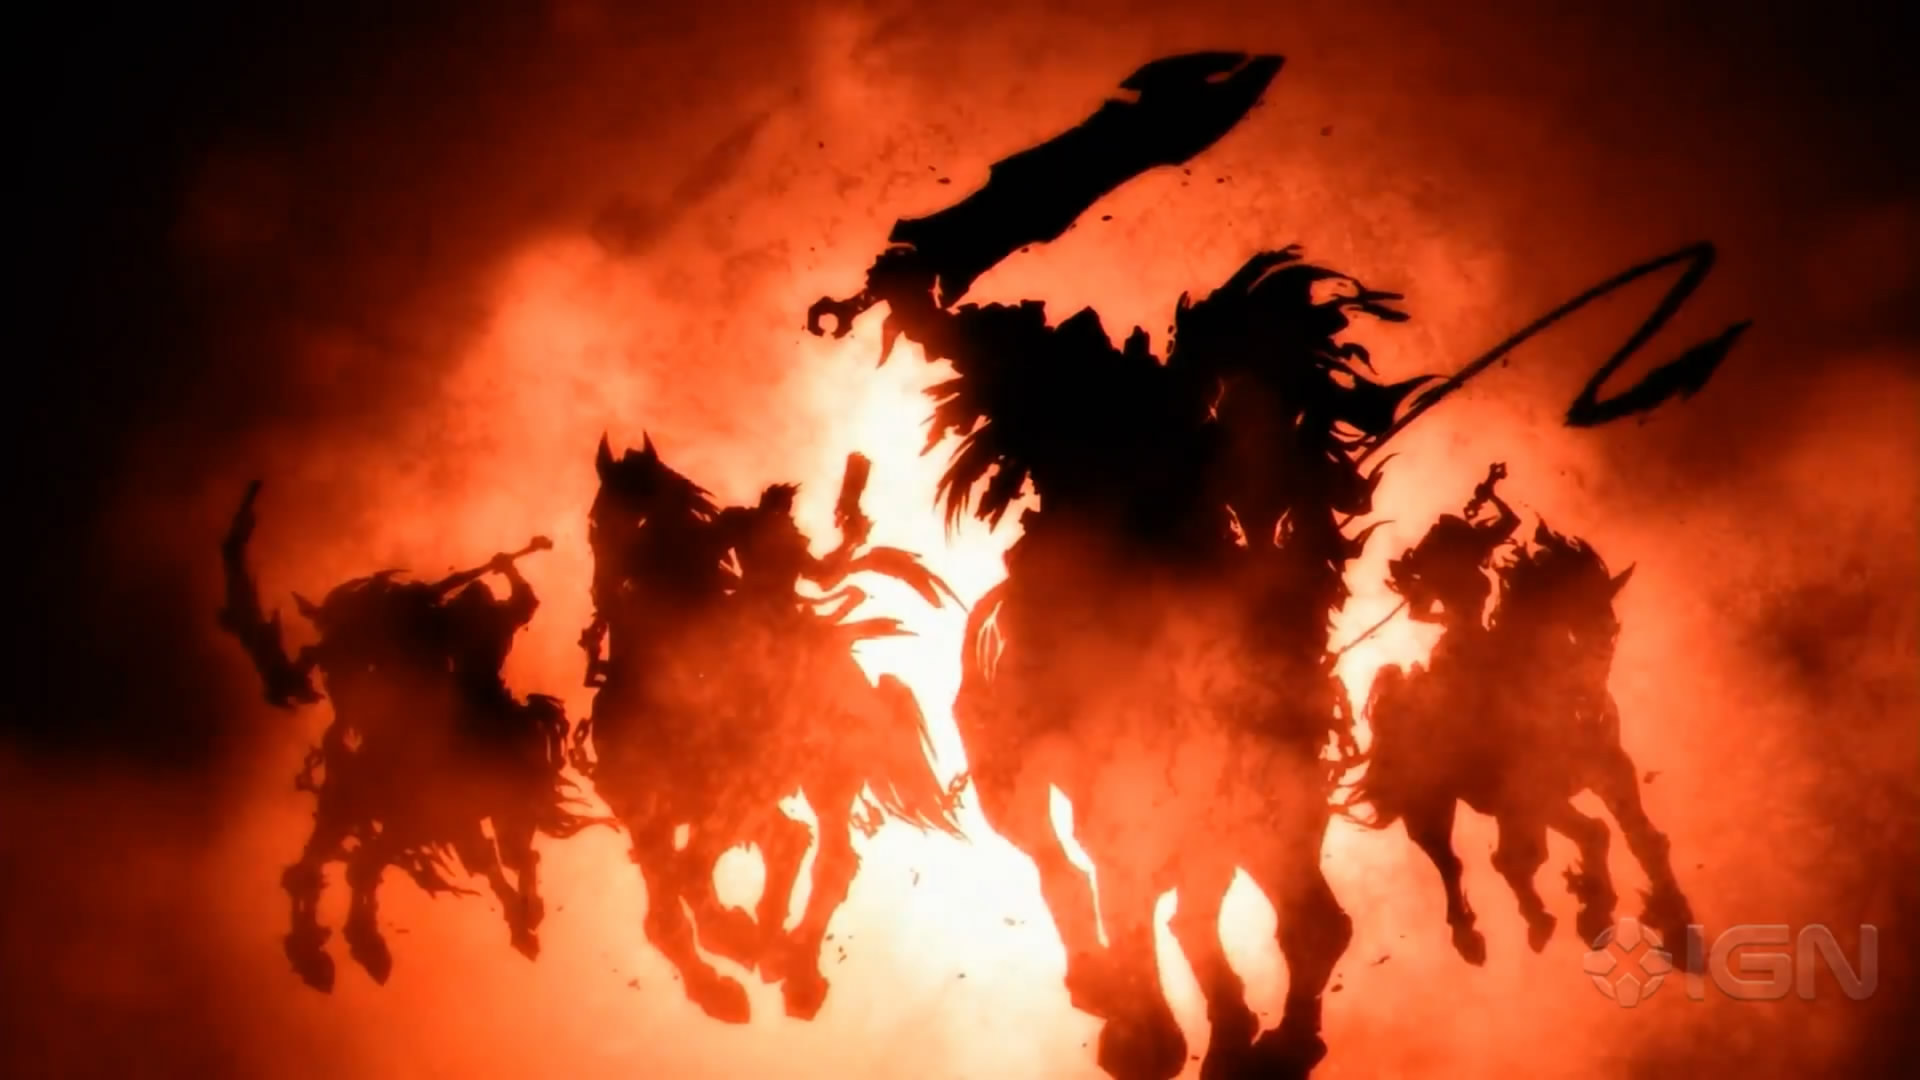 《暗黑血统:战神版》开场17分钟游戏演示